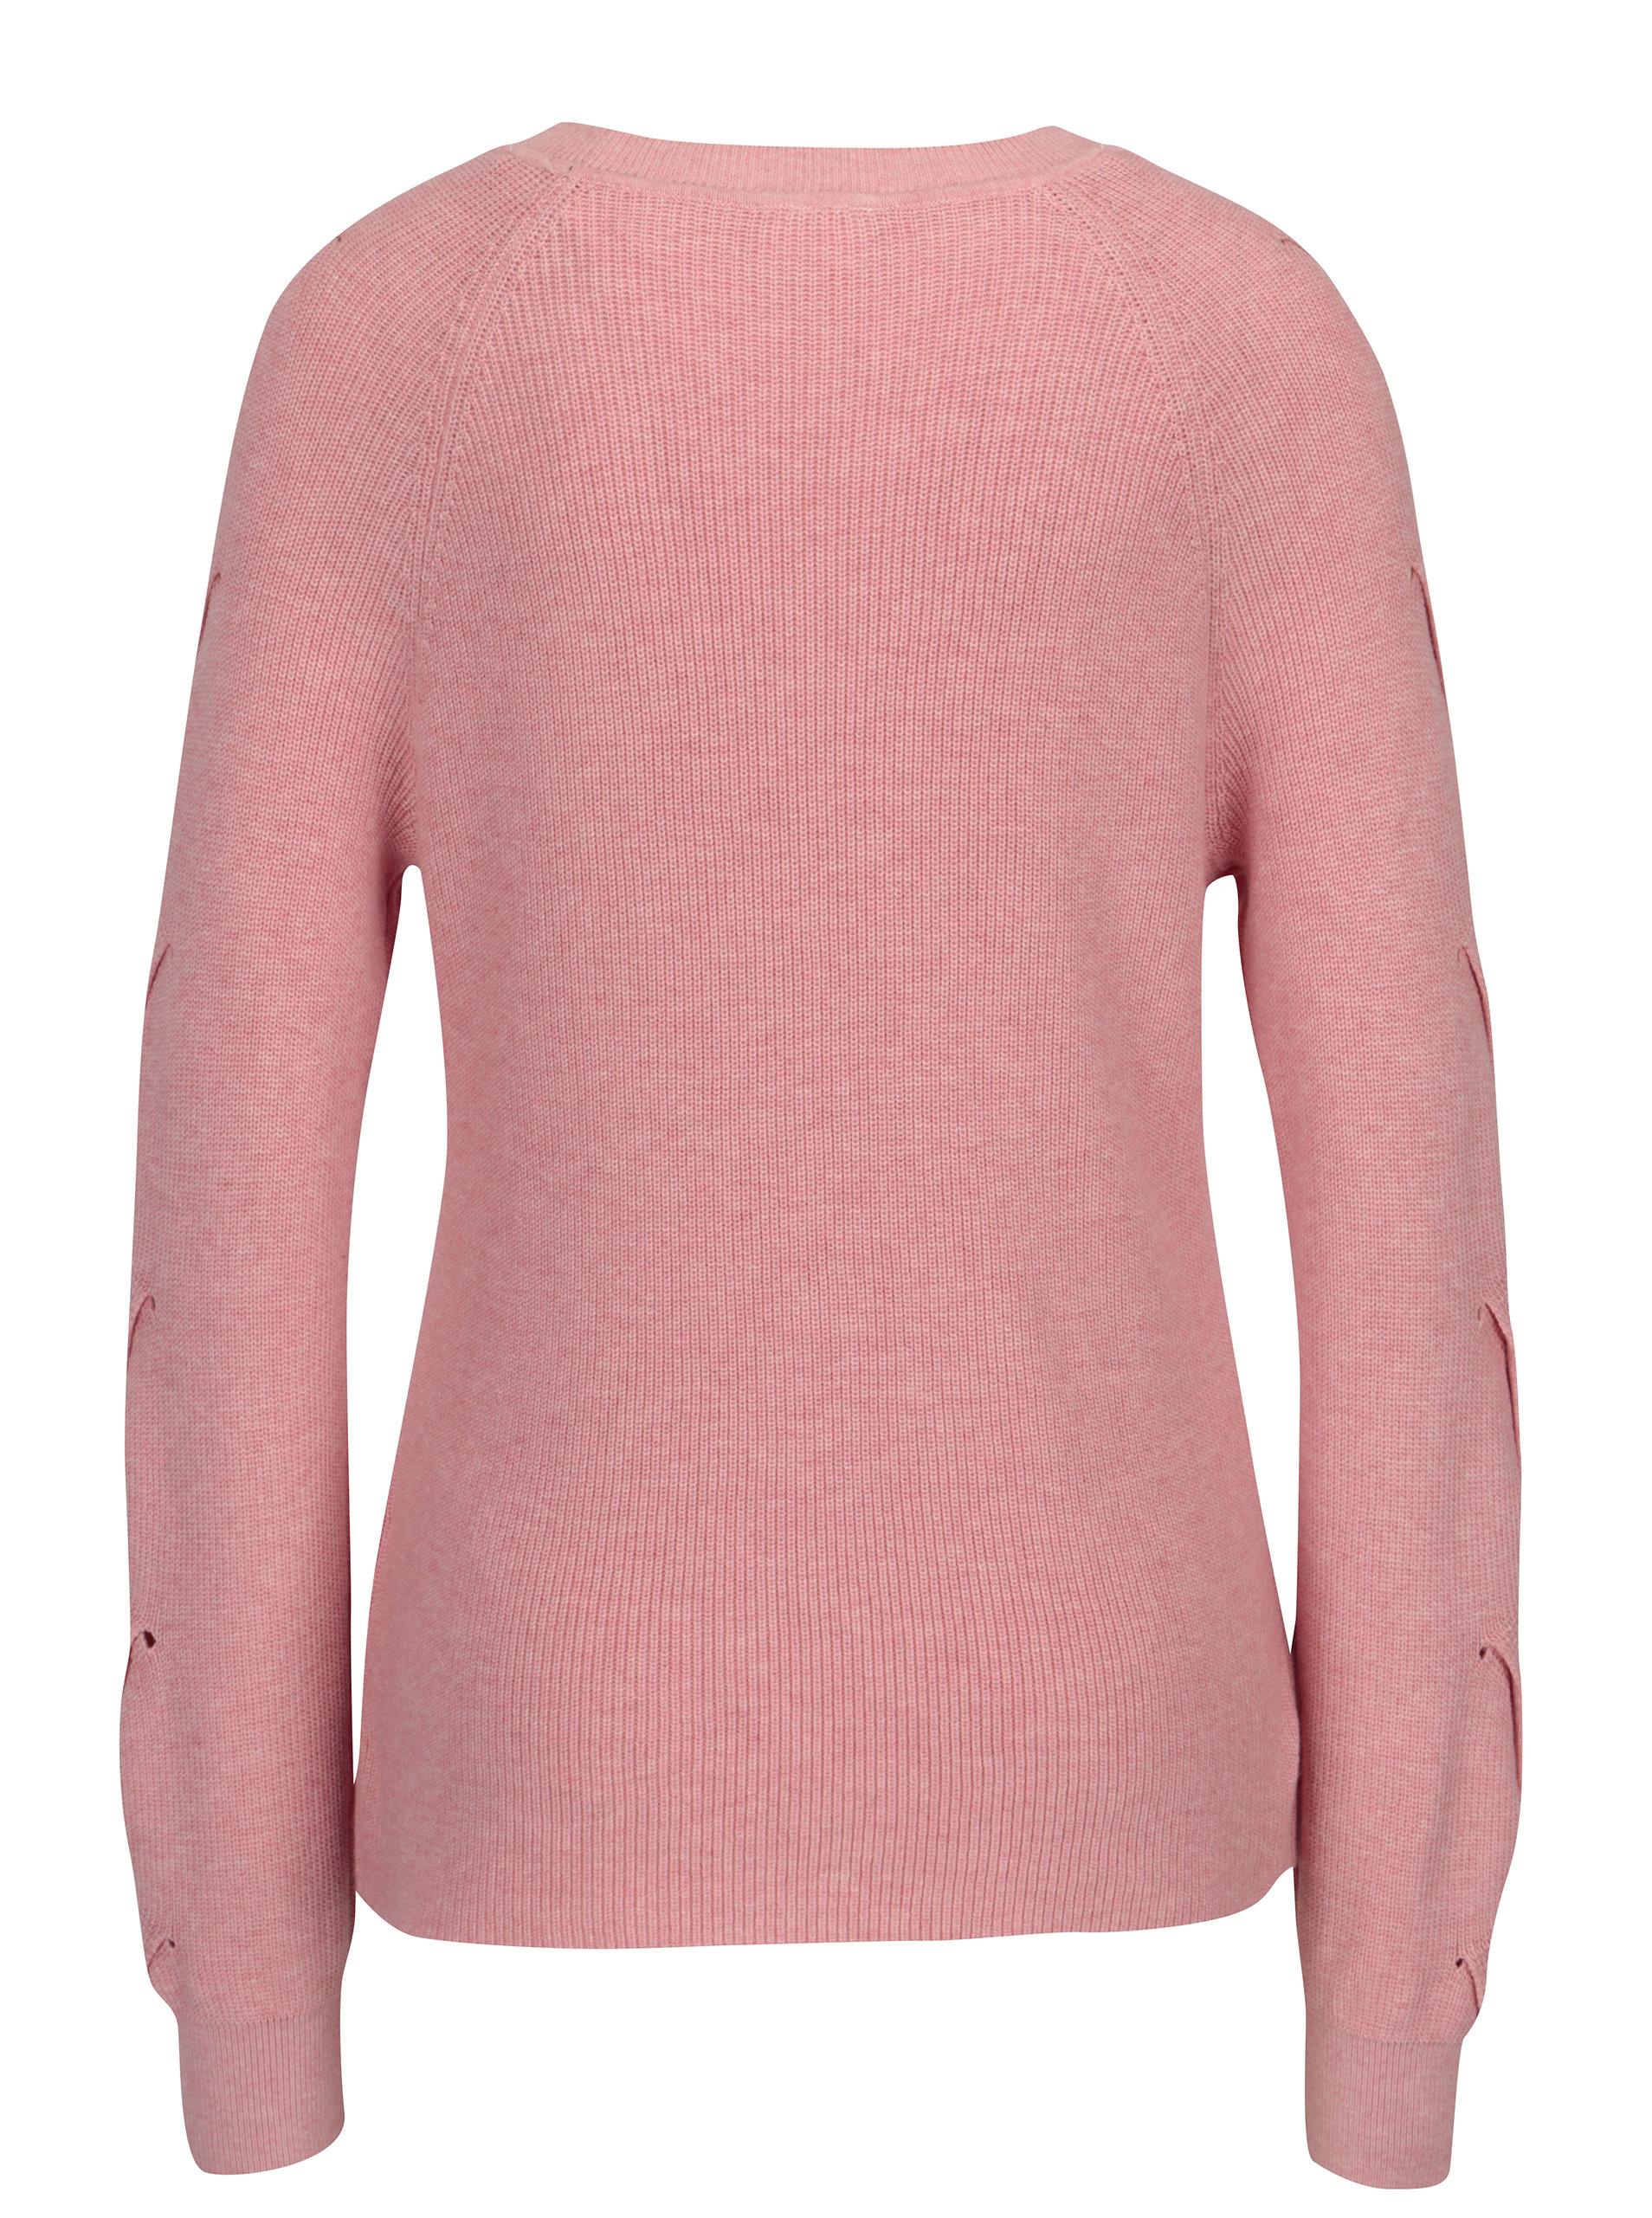 2a86d2a680c Růžový svetr s průstřihy na rukávech VILA Myntani ...